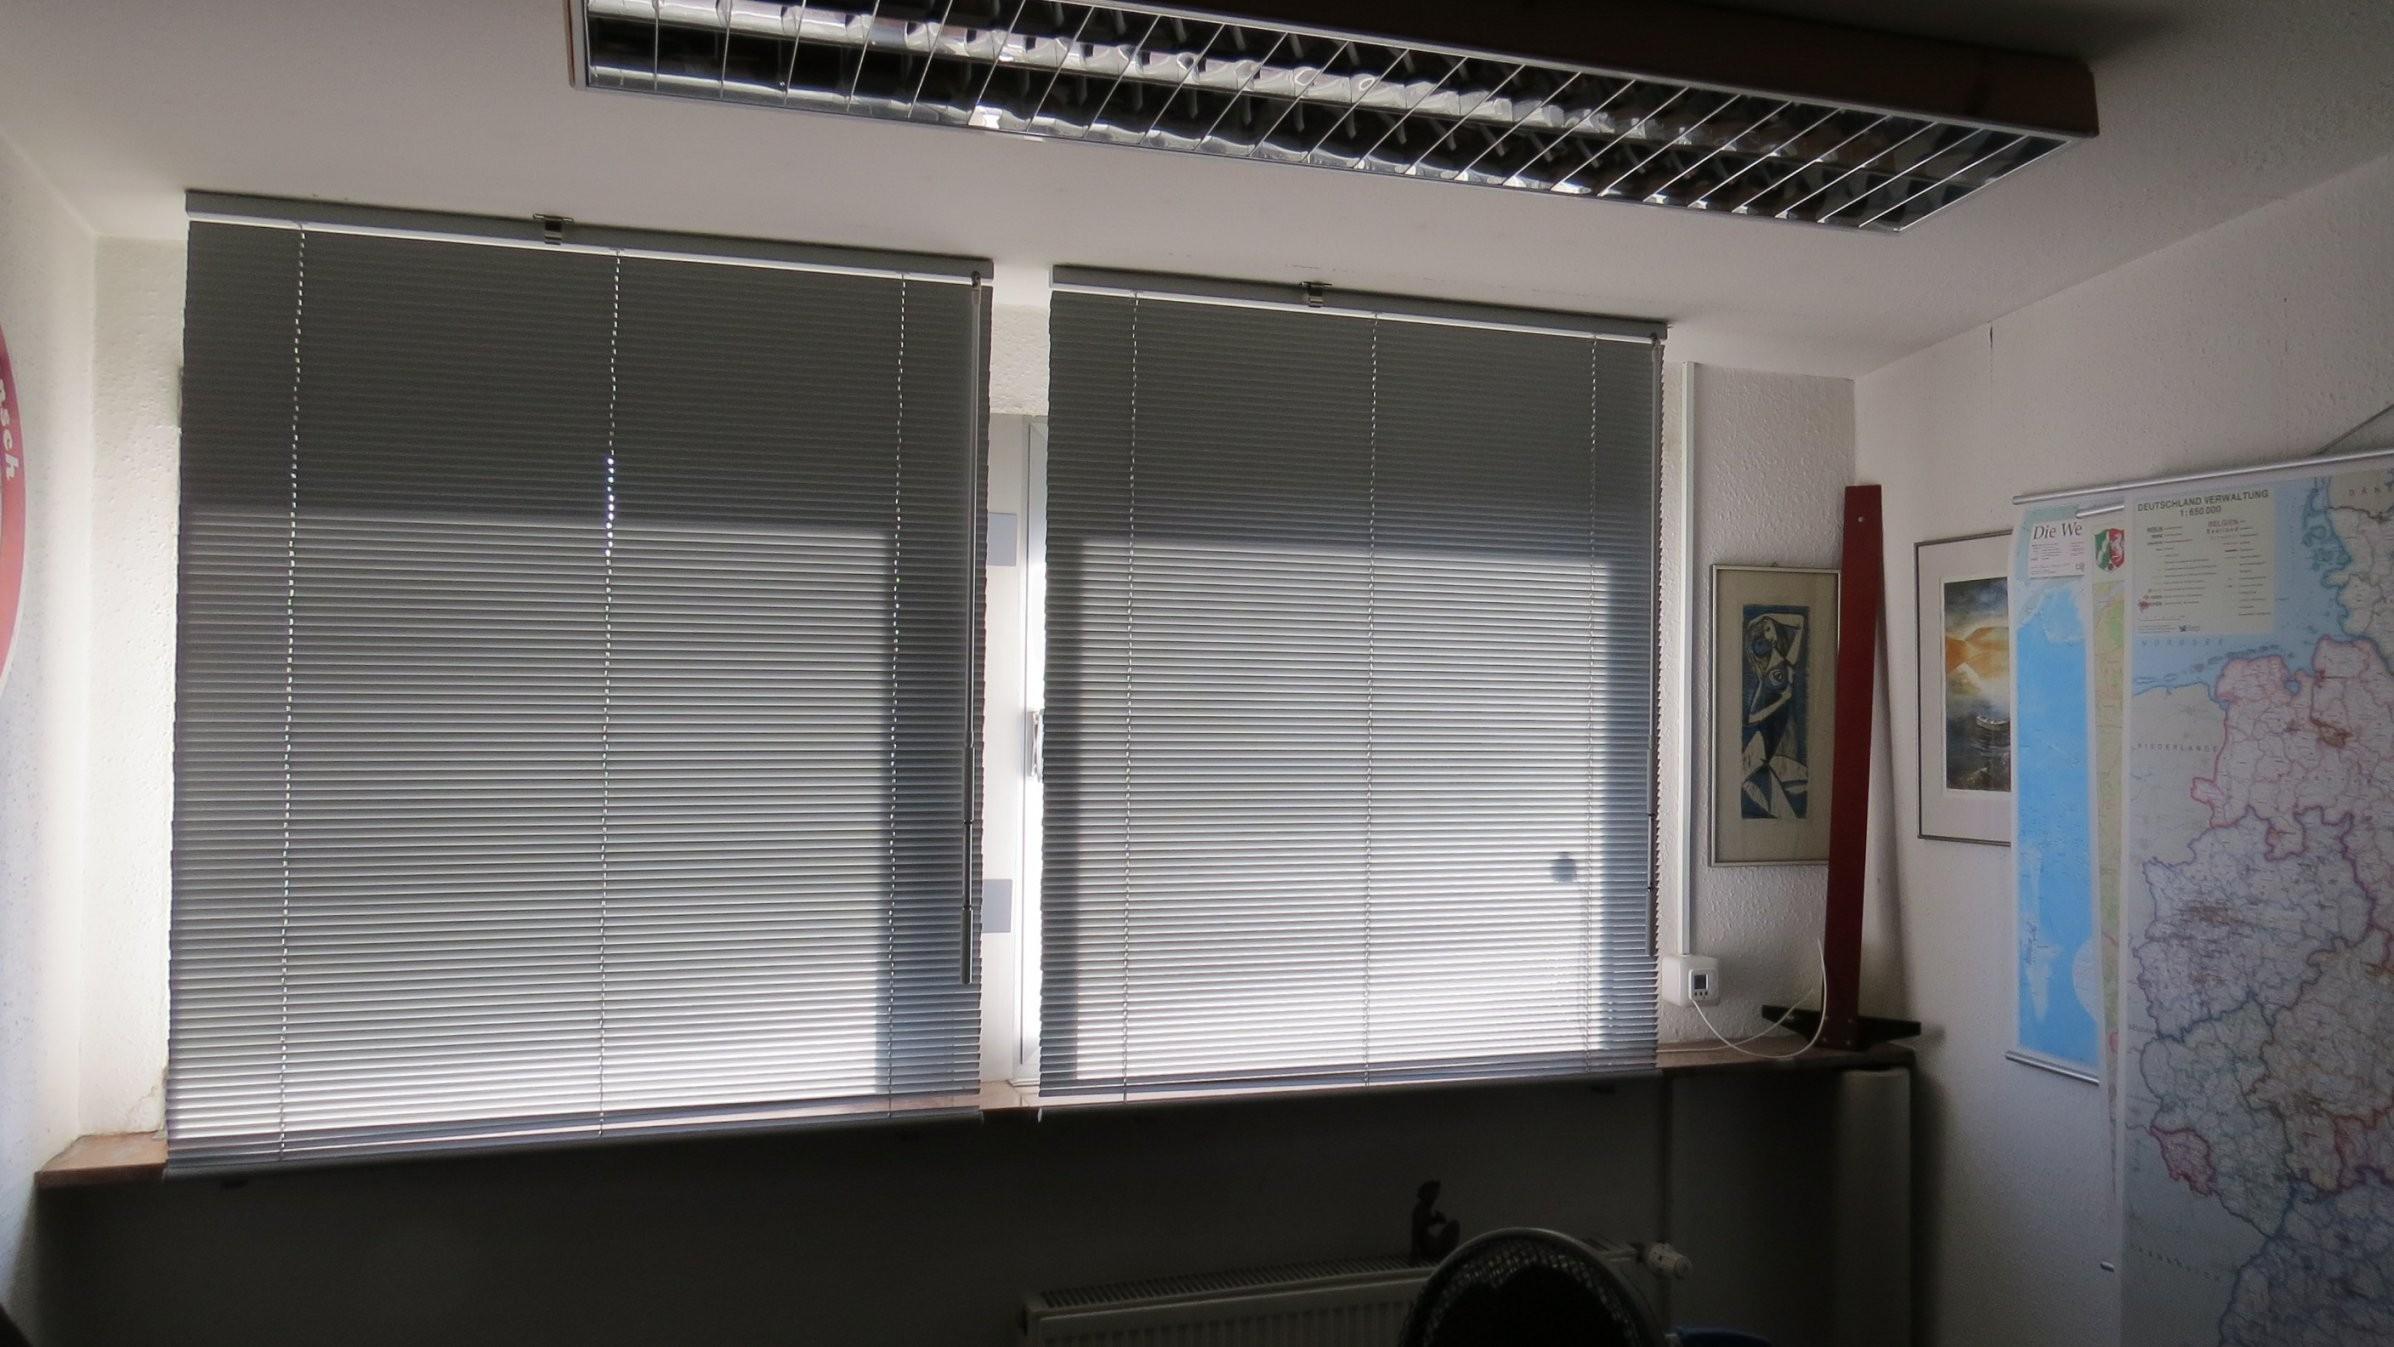 Horizontaljalousien Für Dachfenster  Rollomeister von Fenster Rollos Günstig Photo